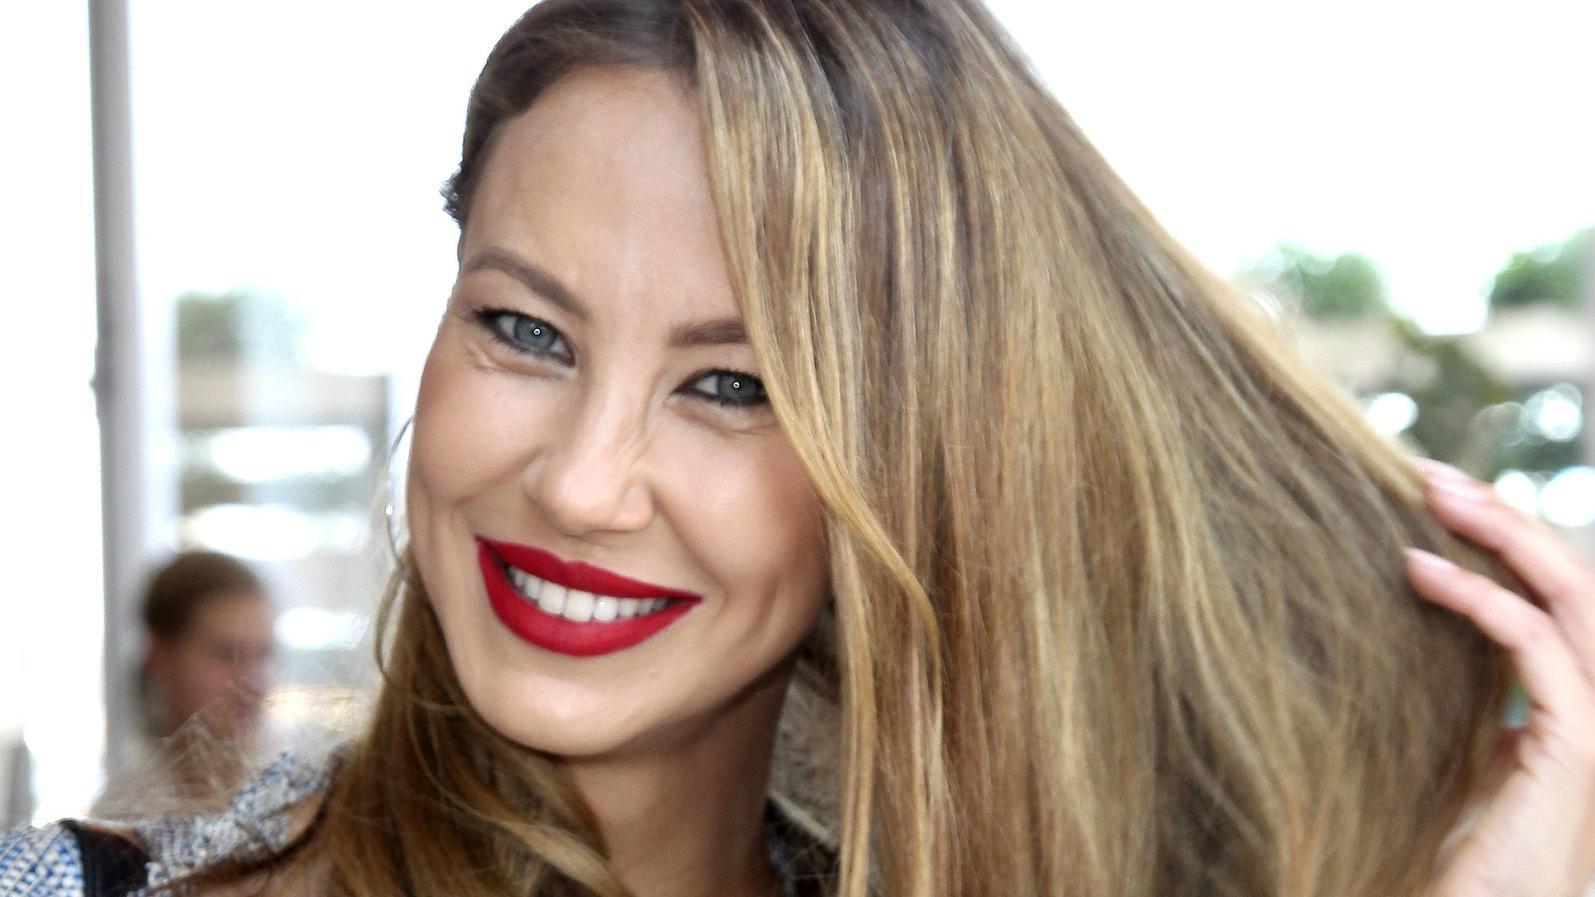 Alessandra Meyer-Wölden trennt sich von ihrer langen Mähne - VIP.de, Star News